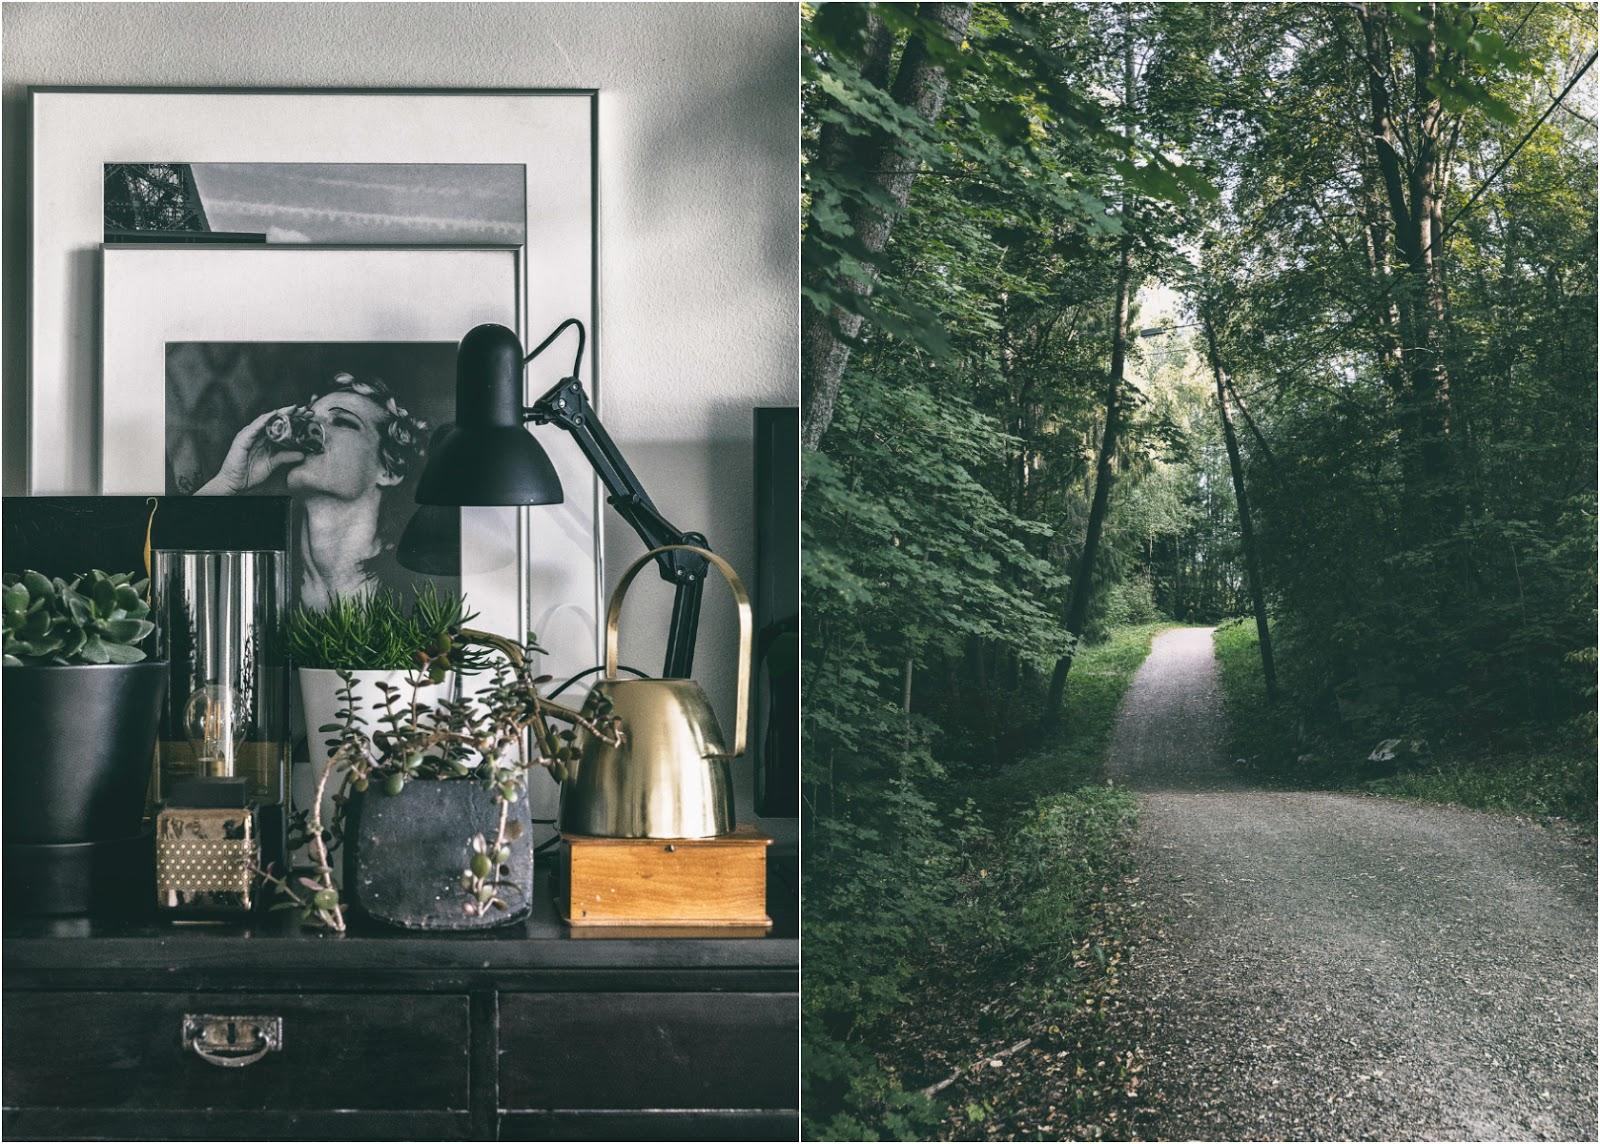 valokuvaaja, Frida Steiner, photographer, Visualaddict, visualaddictfrida, photographerlife, sisustus, sisustaminen, koti, luonto, polku, luontokuva